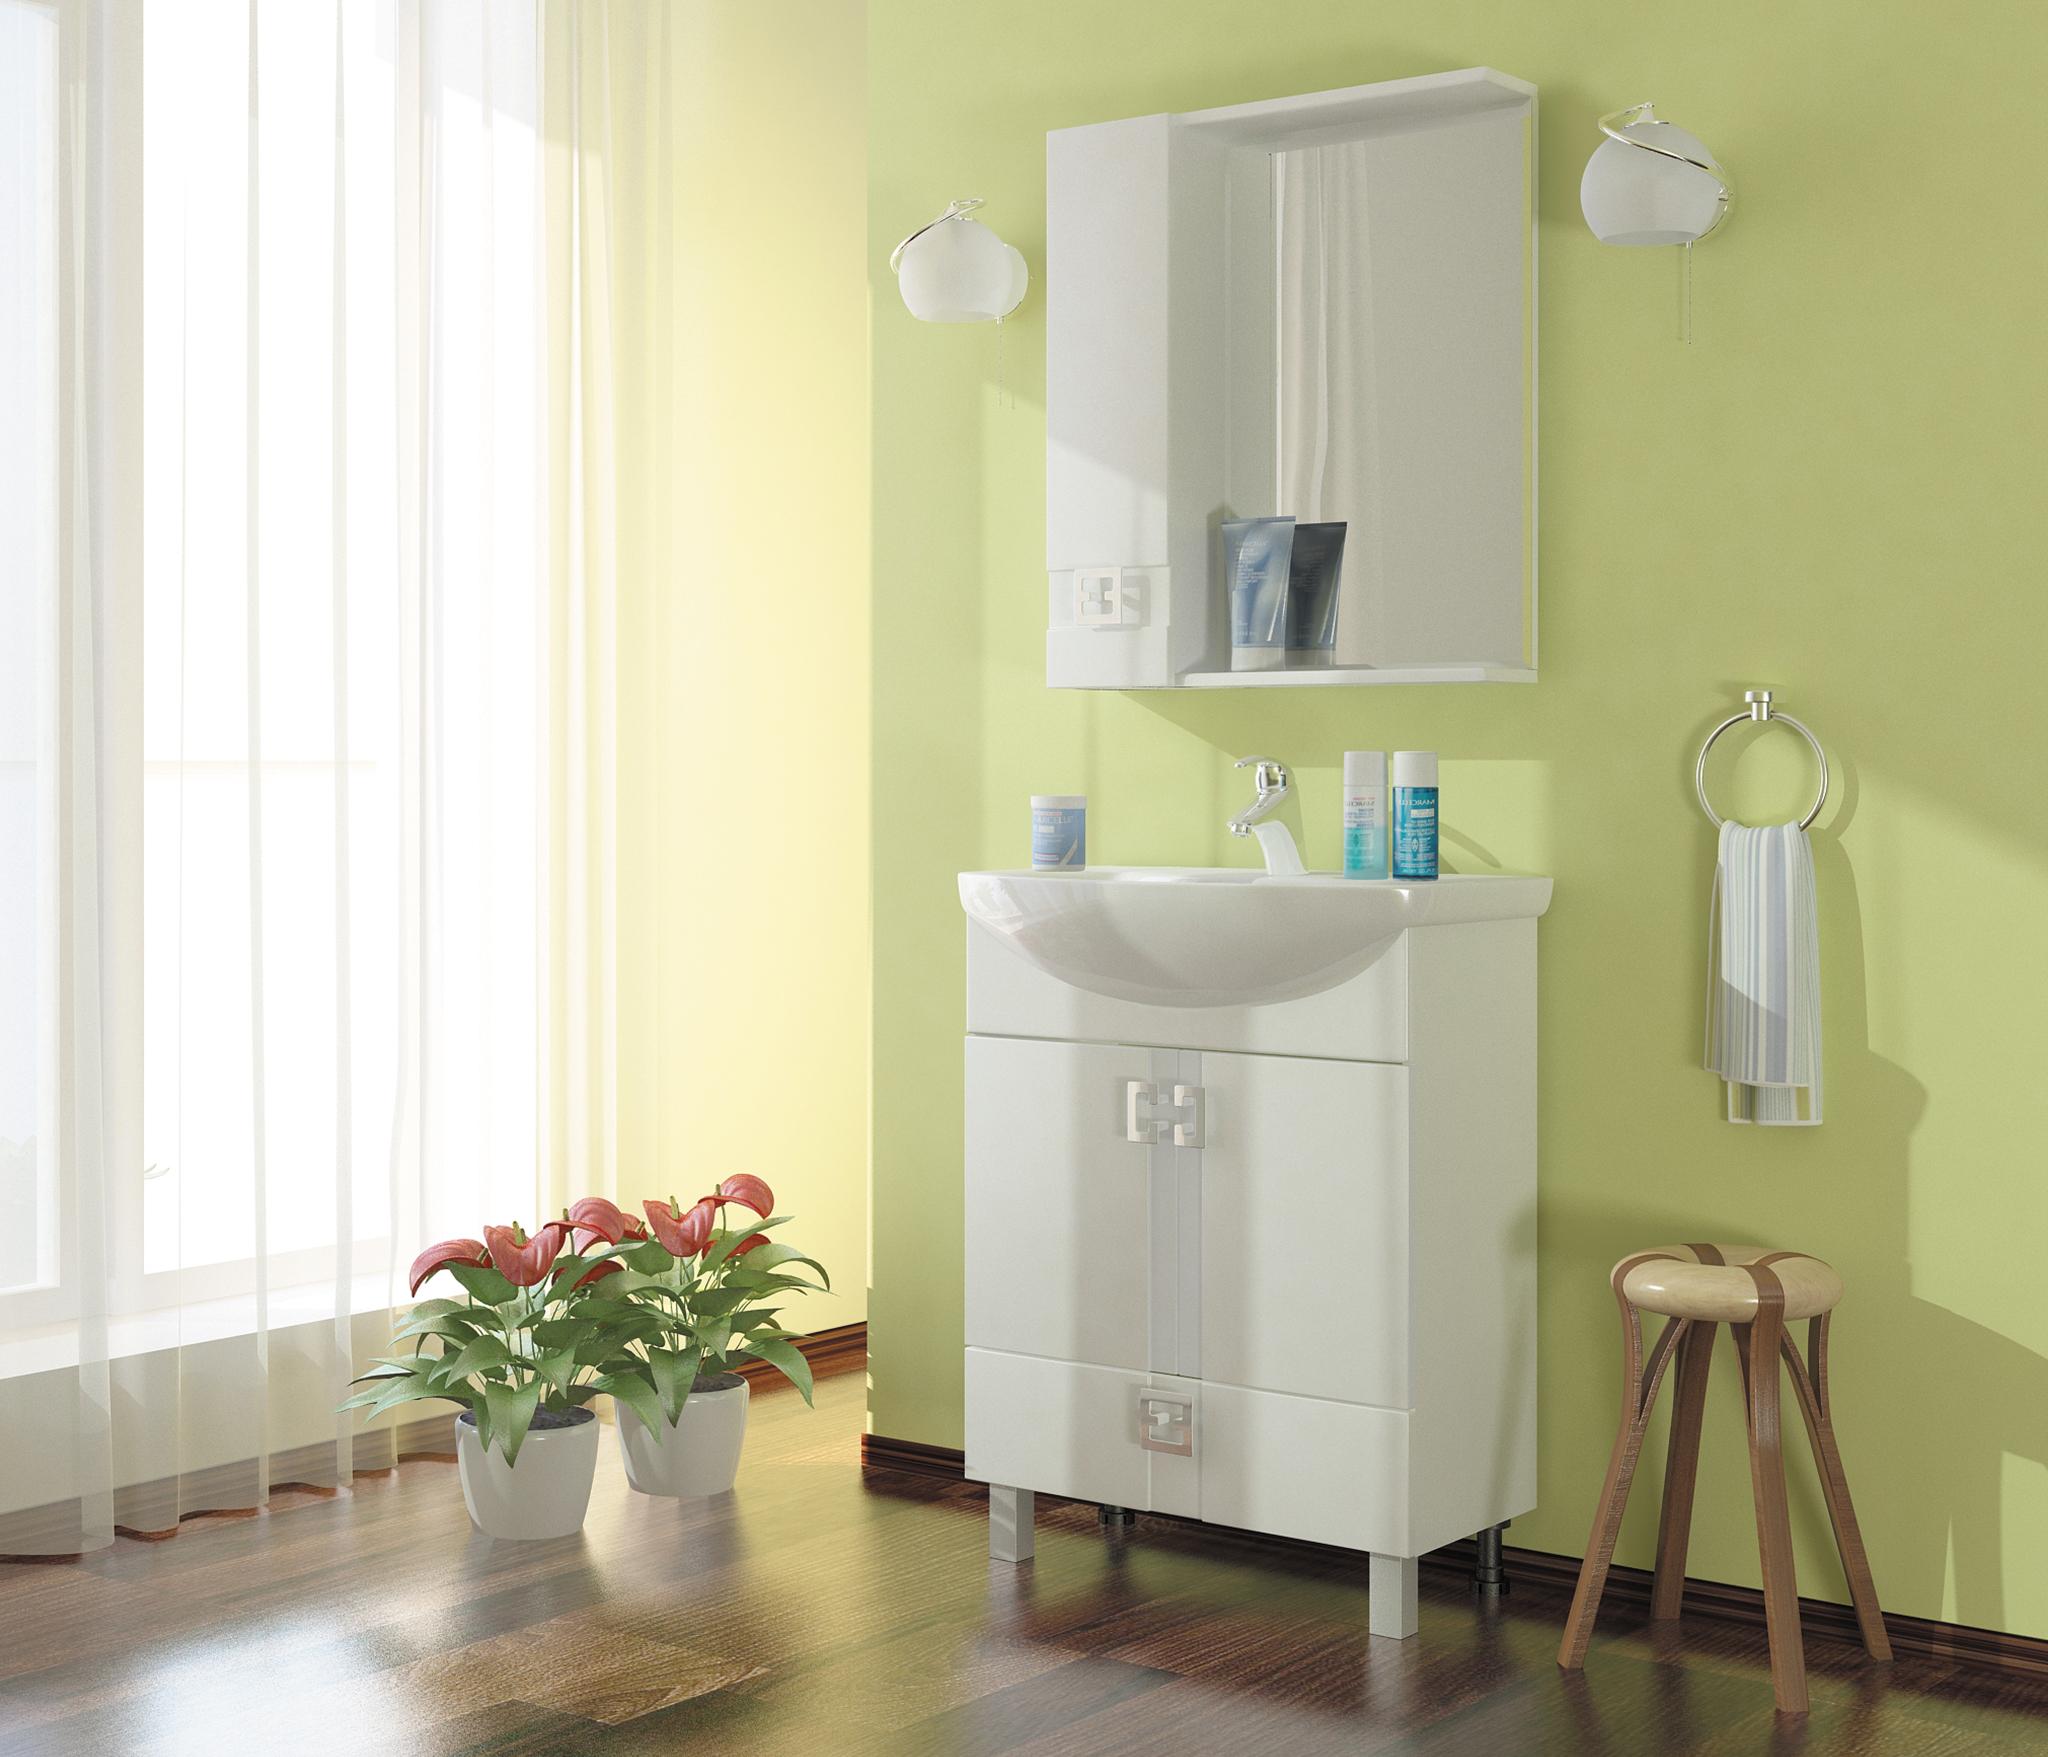 Набор мебели для ванной Mixline Квадро-55 белый (зеркальный шкаф, тумба, раковина) раковина квадро для тумбы торонто 75